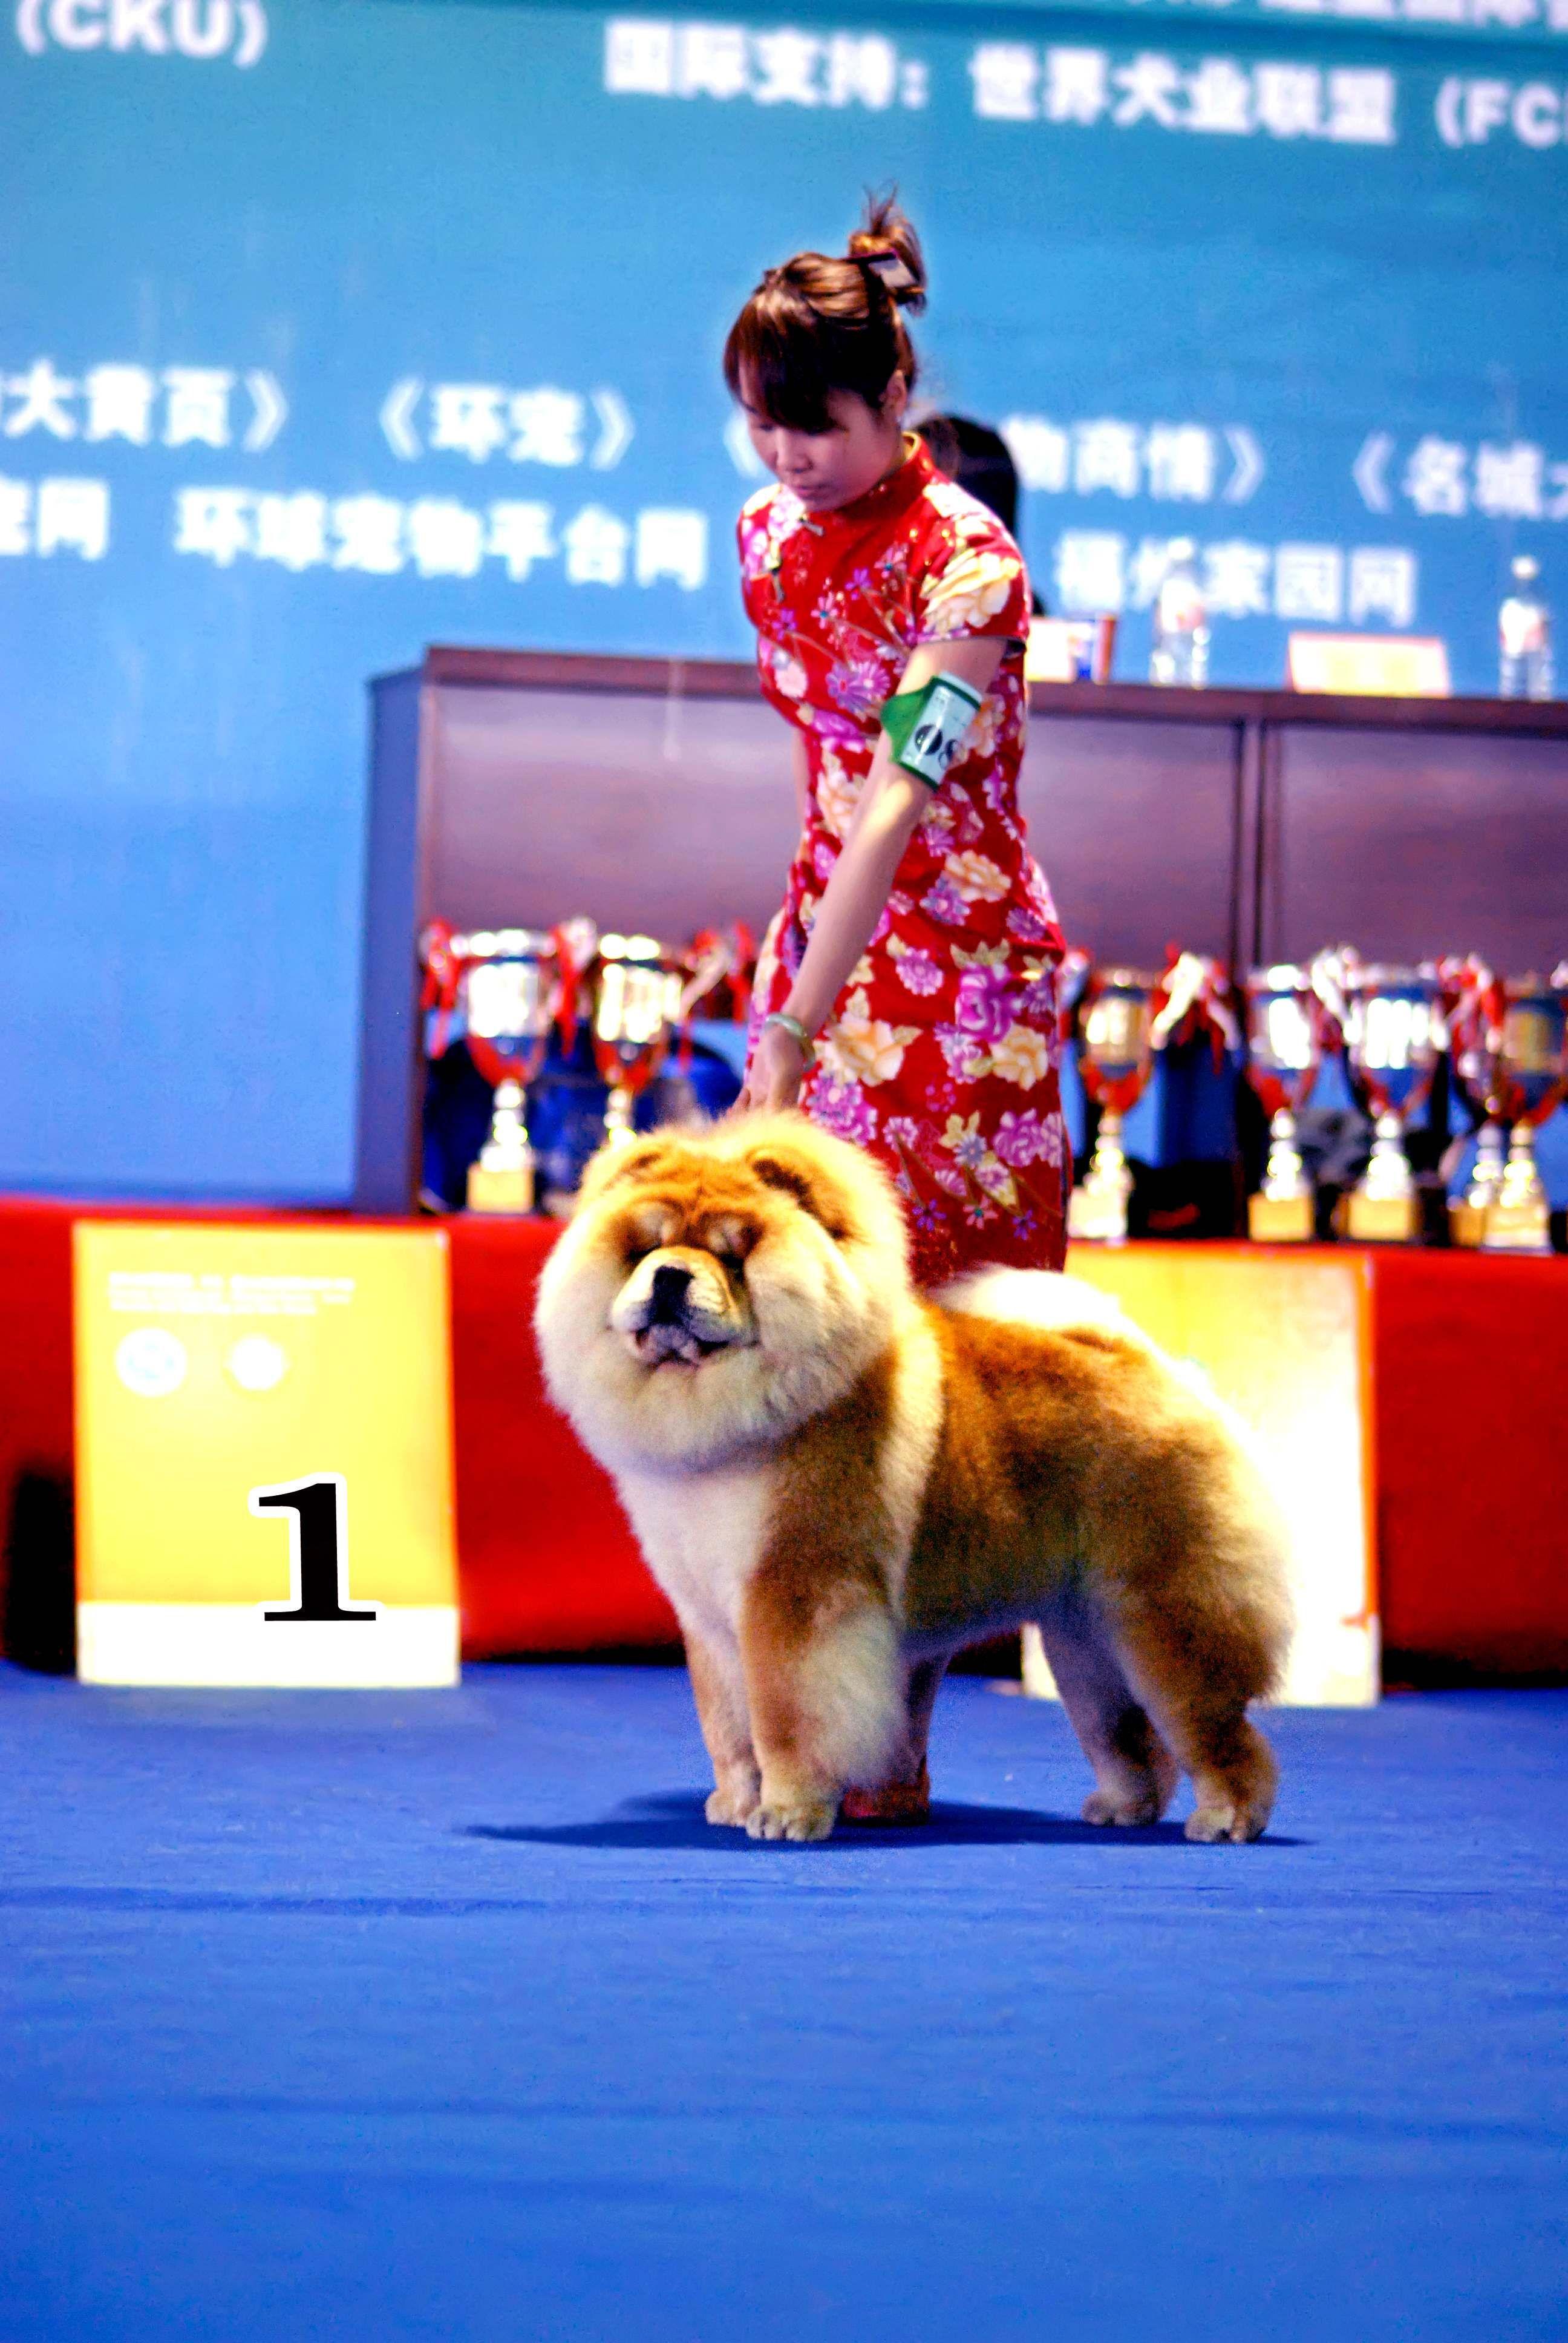 第一希望FIRST HOPE照片松狮犬图片图片